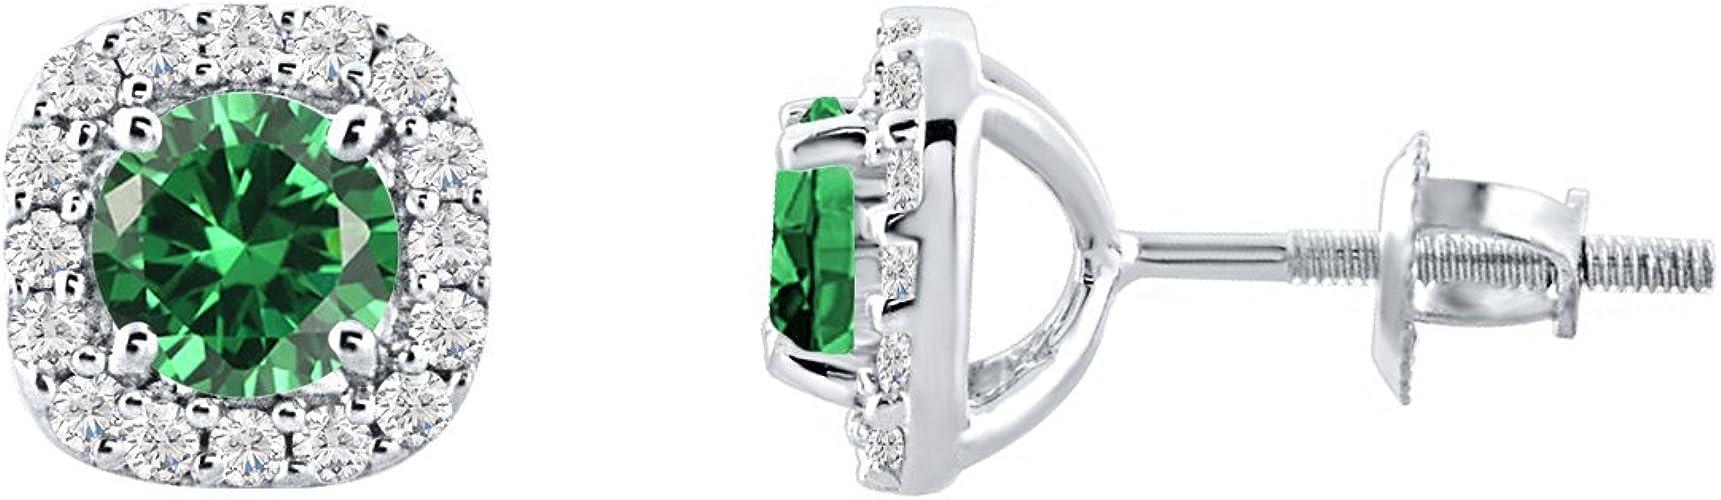 14K White Gold Plated Cushion Cut Emerald CZ Screwback Earrings Womens Jewellery